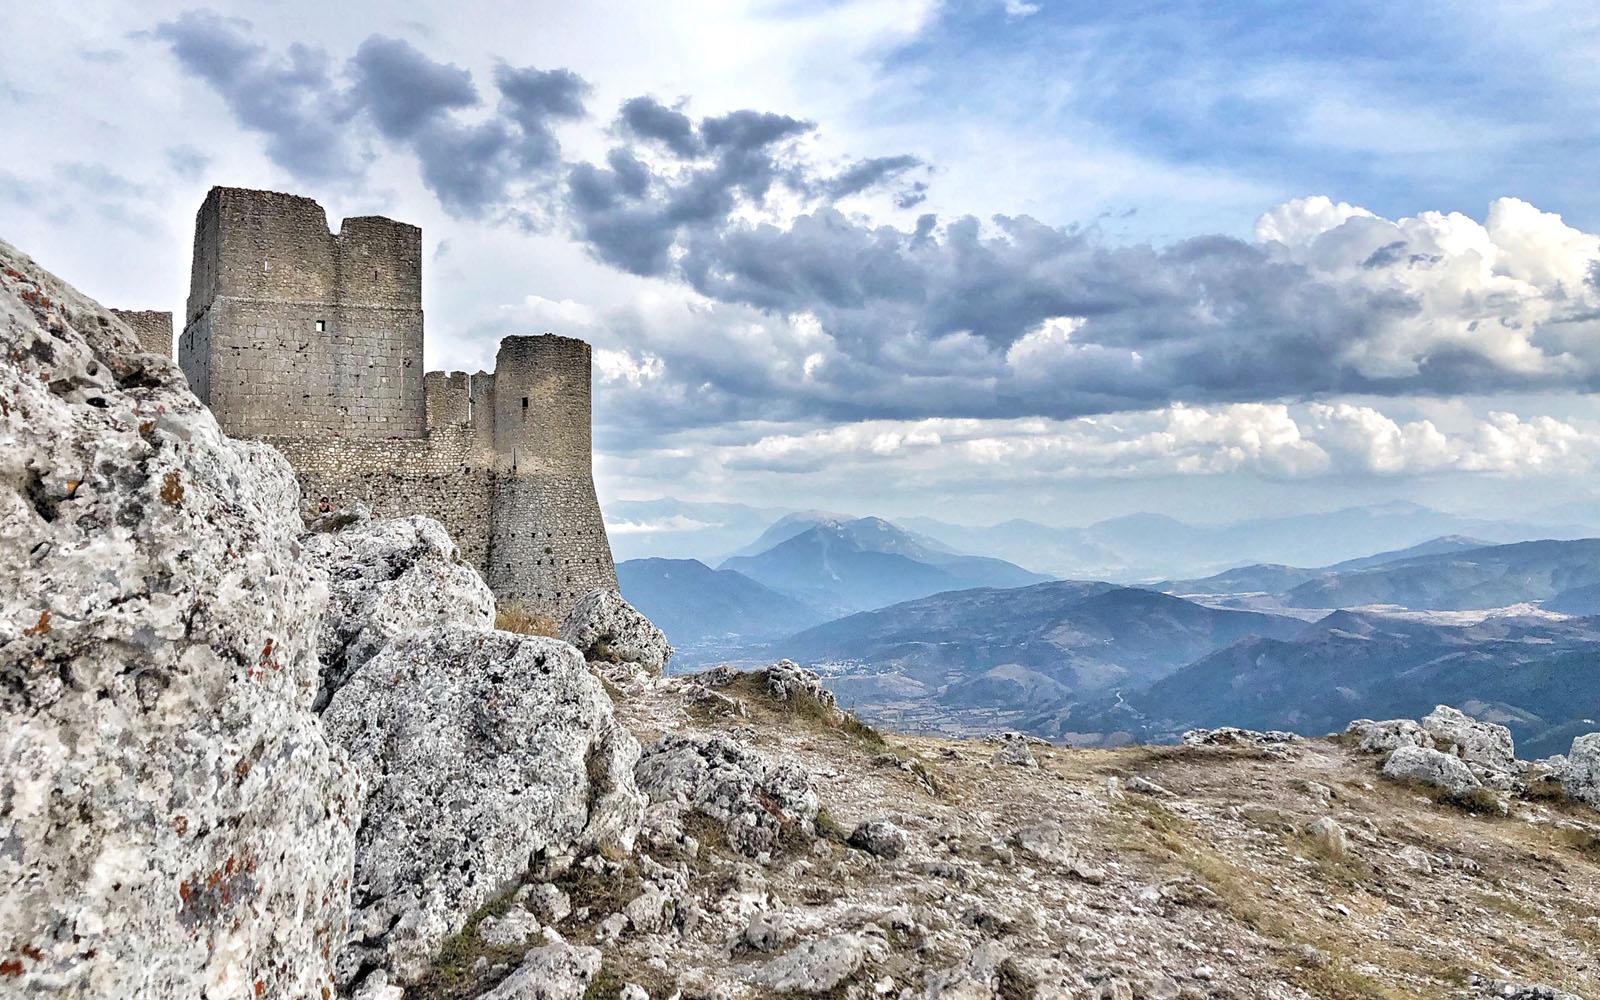 Uno scorcio di Rocca Calascio e del Castello.